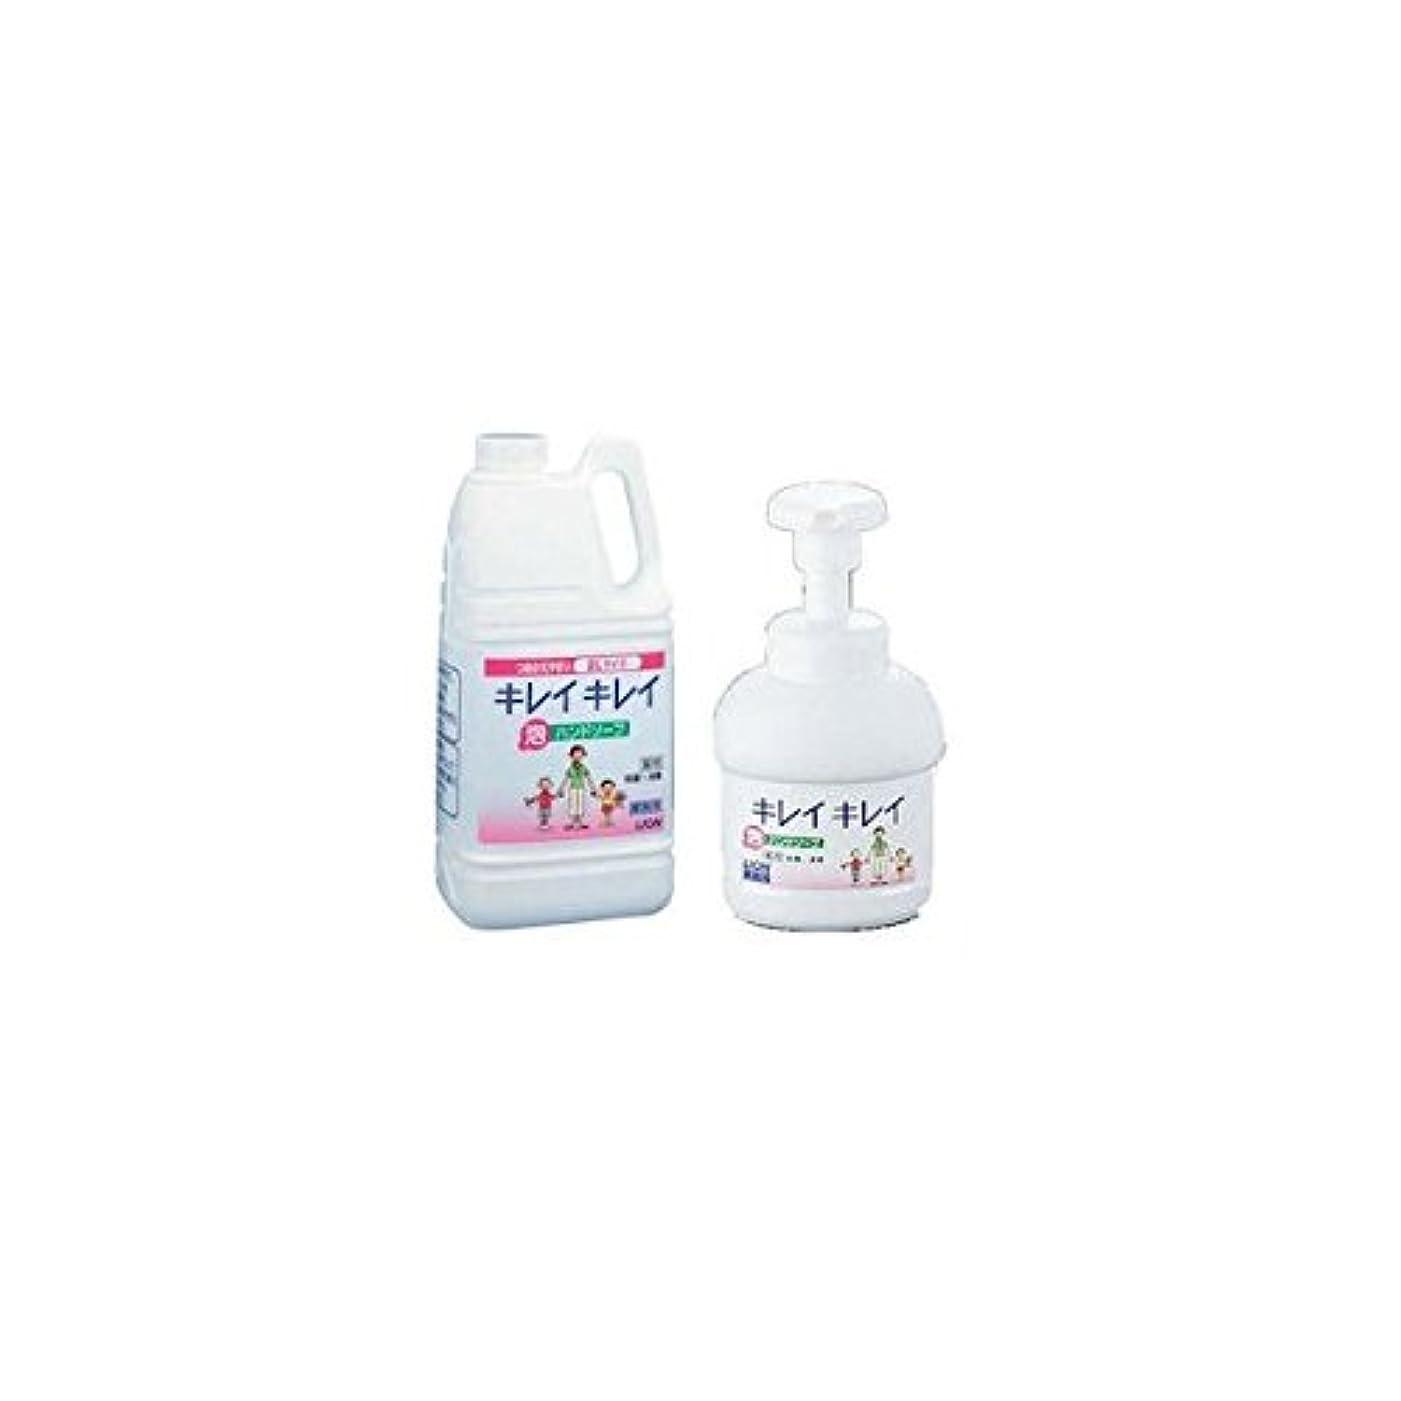 外側リークロゴライオン キレイキレイ薬用泡ハンドソープ 2L(250MLポンプ付) 【品番】JHV2501